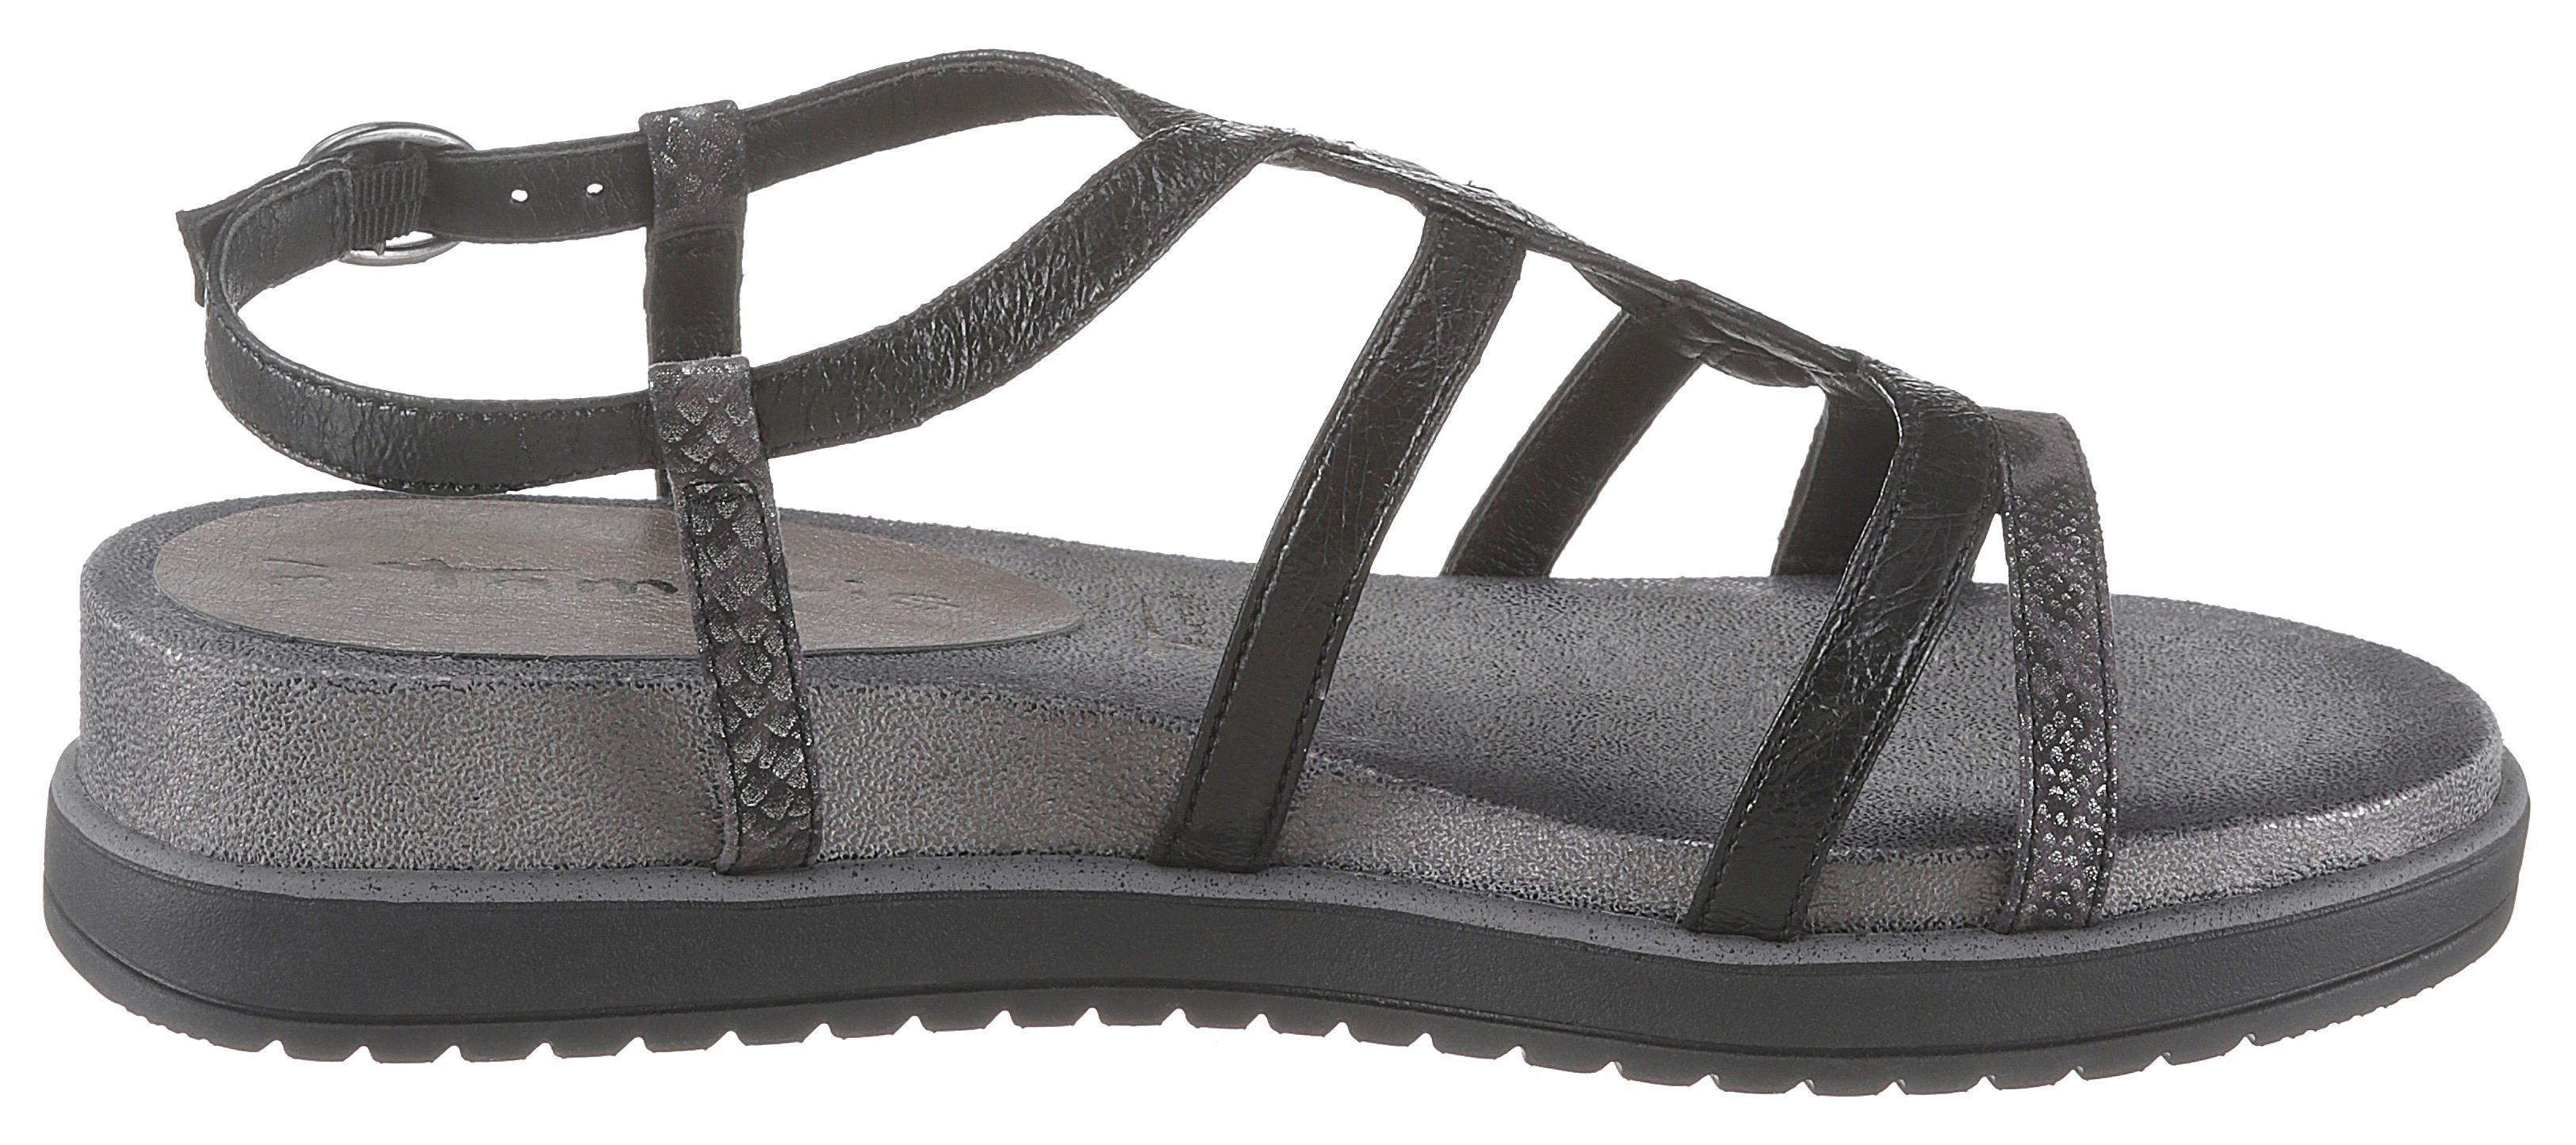 Tamaris sandalen »Nolla« - gratis ruilen op otto.nl